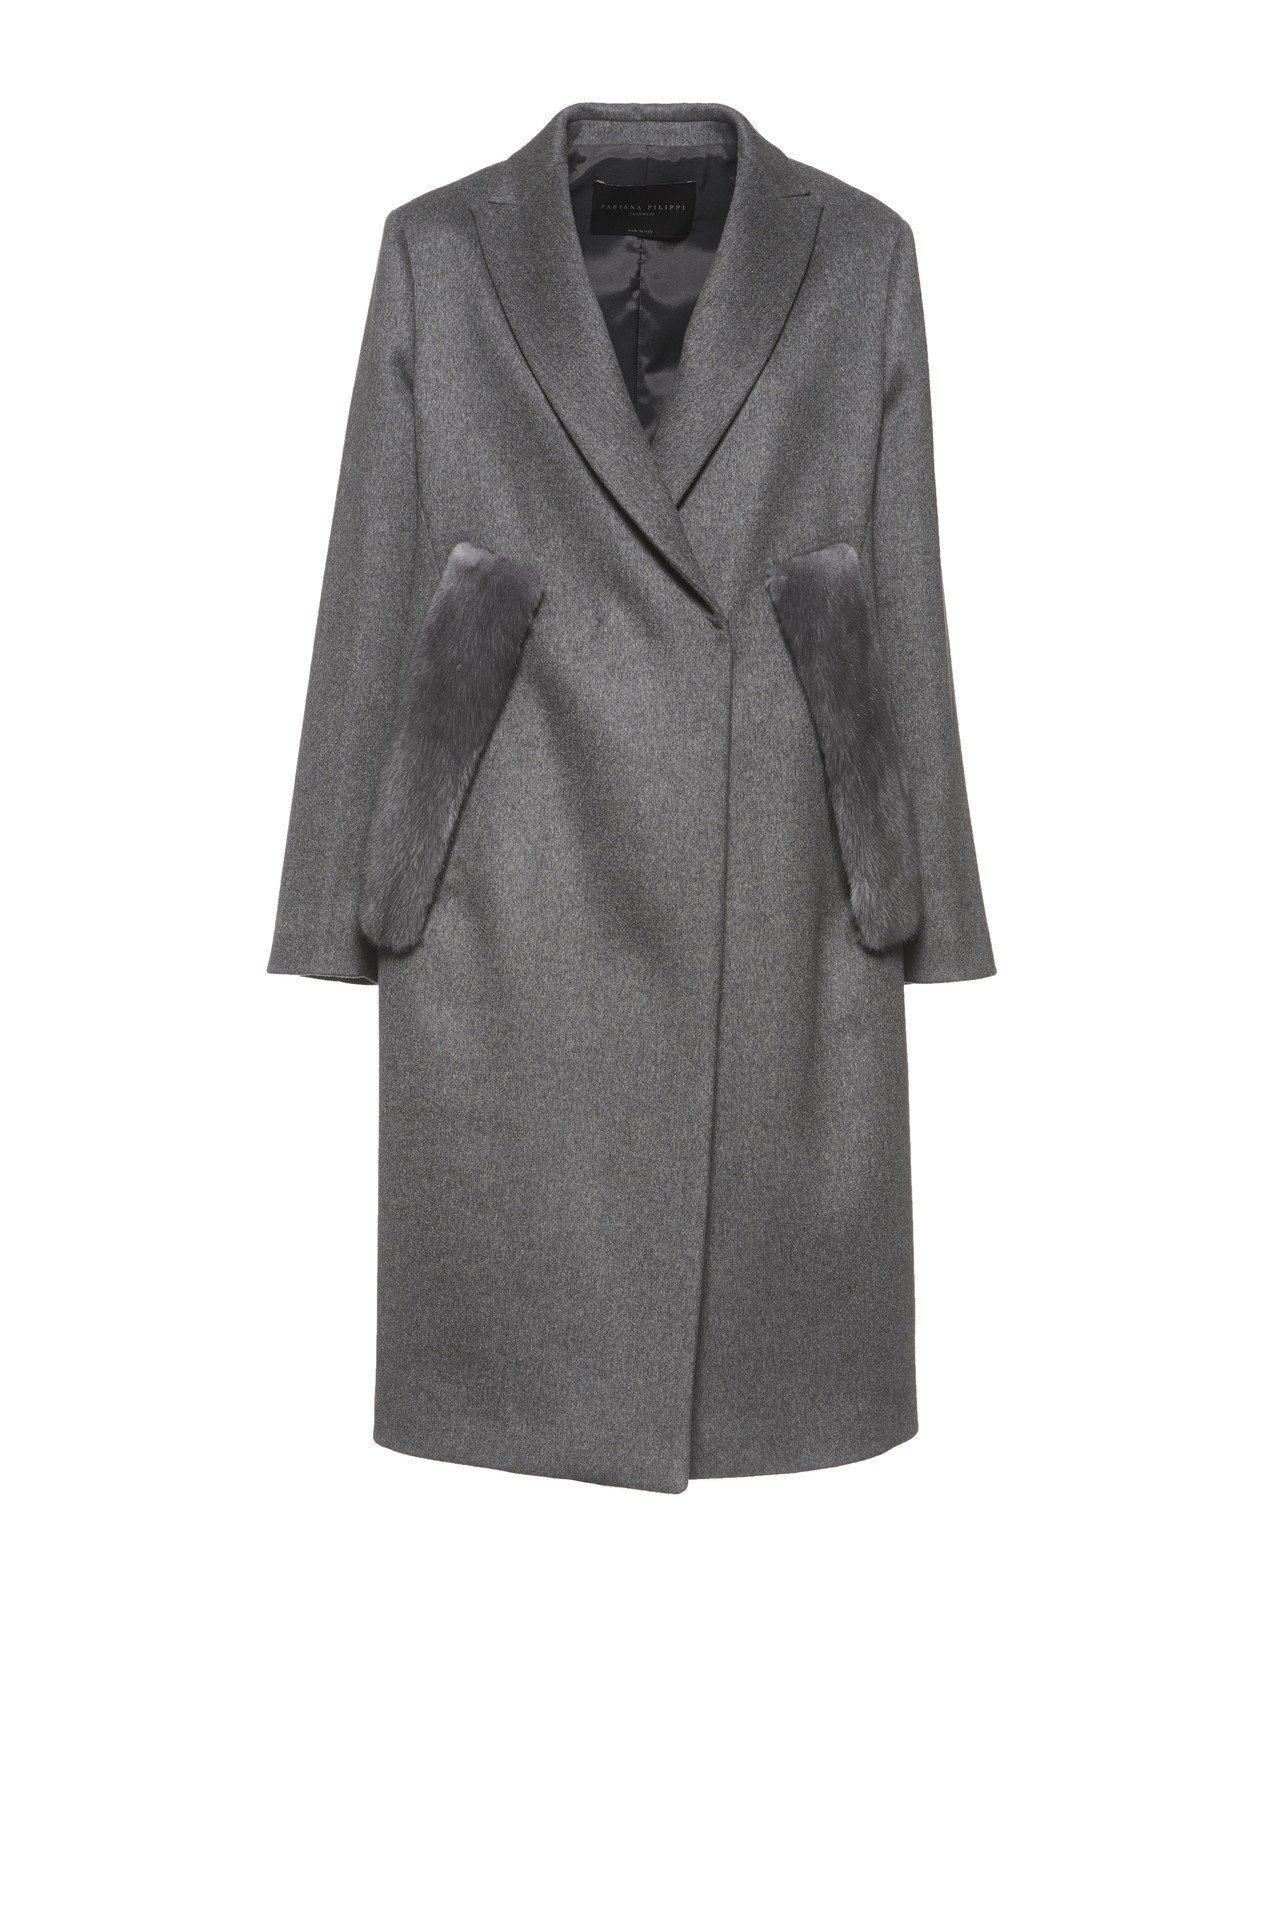 Fabiana Filippi秋冬系列淺灰色喀什米爾羊毛大衣,19萬8,200元...